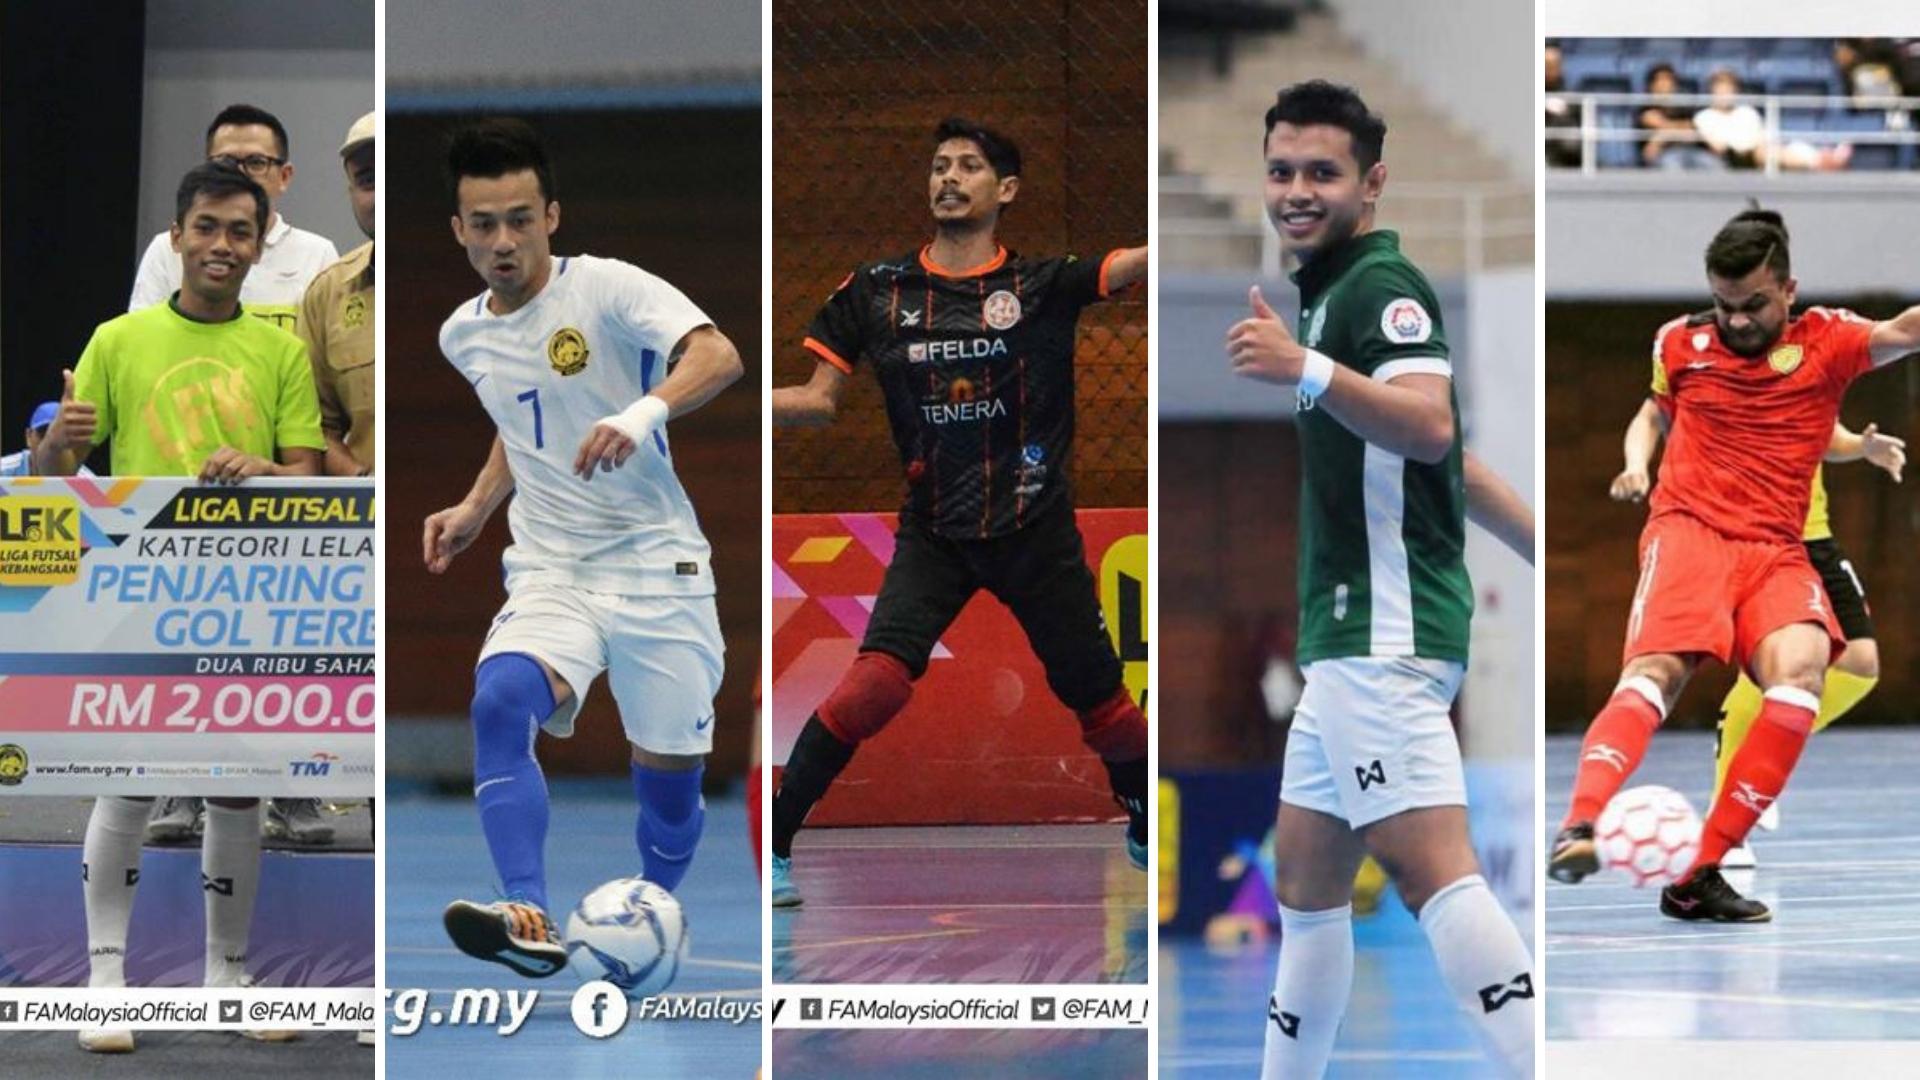 5 Pemain Futsal Hebat Malaysia Yang Berpendidikan Tinggi